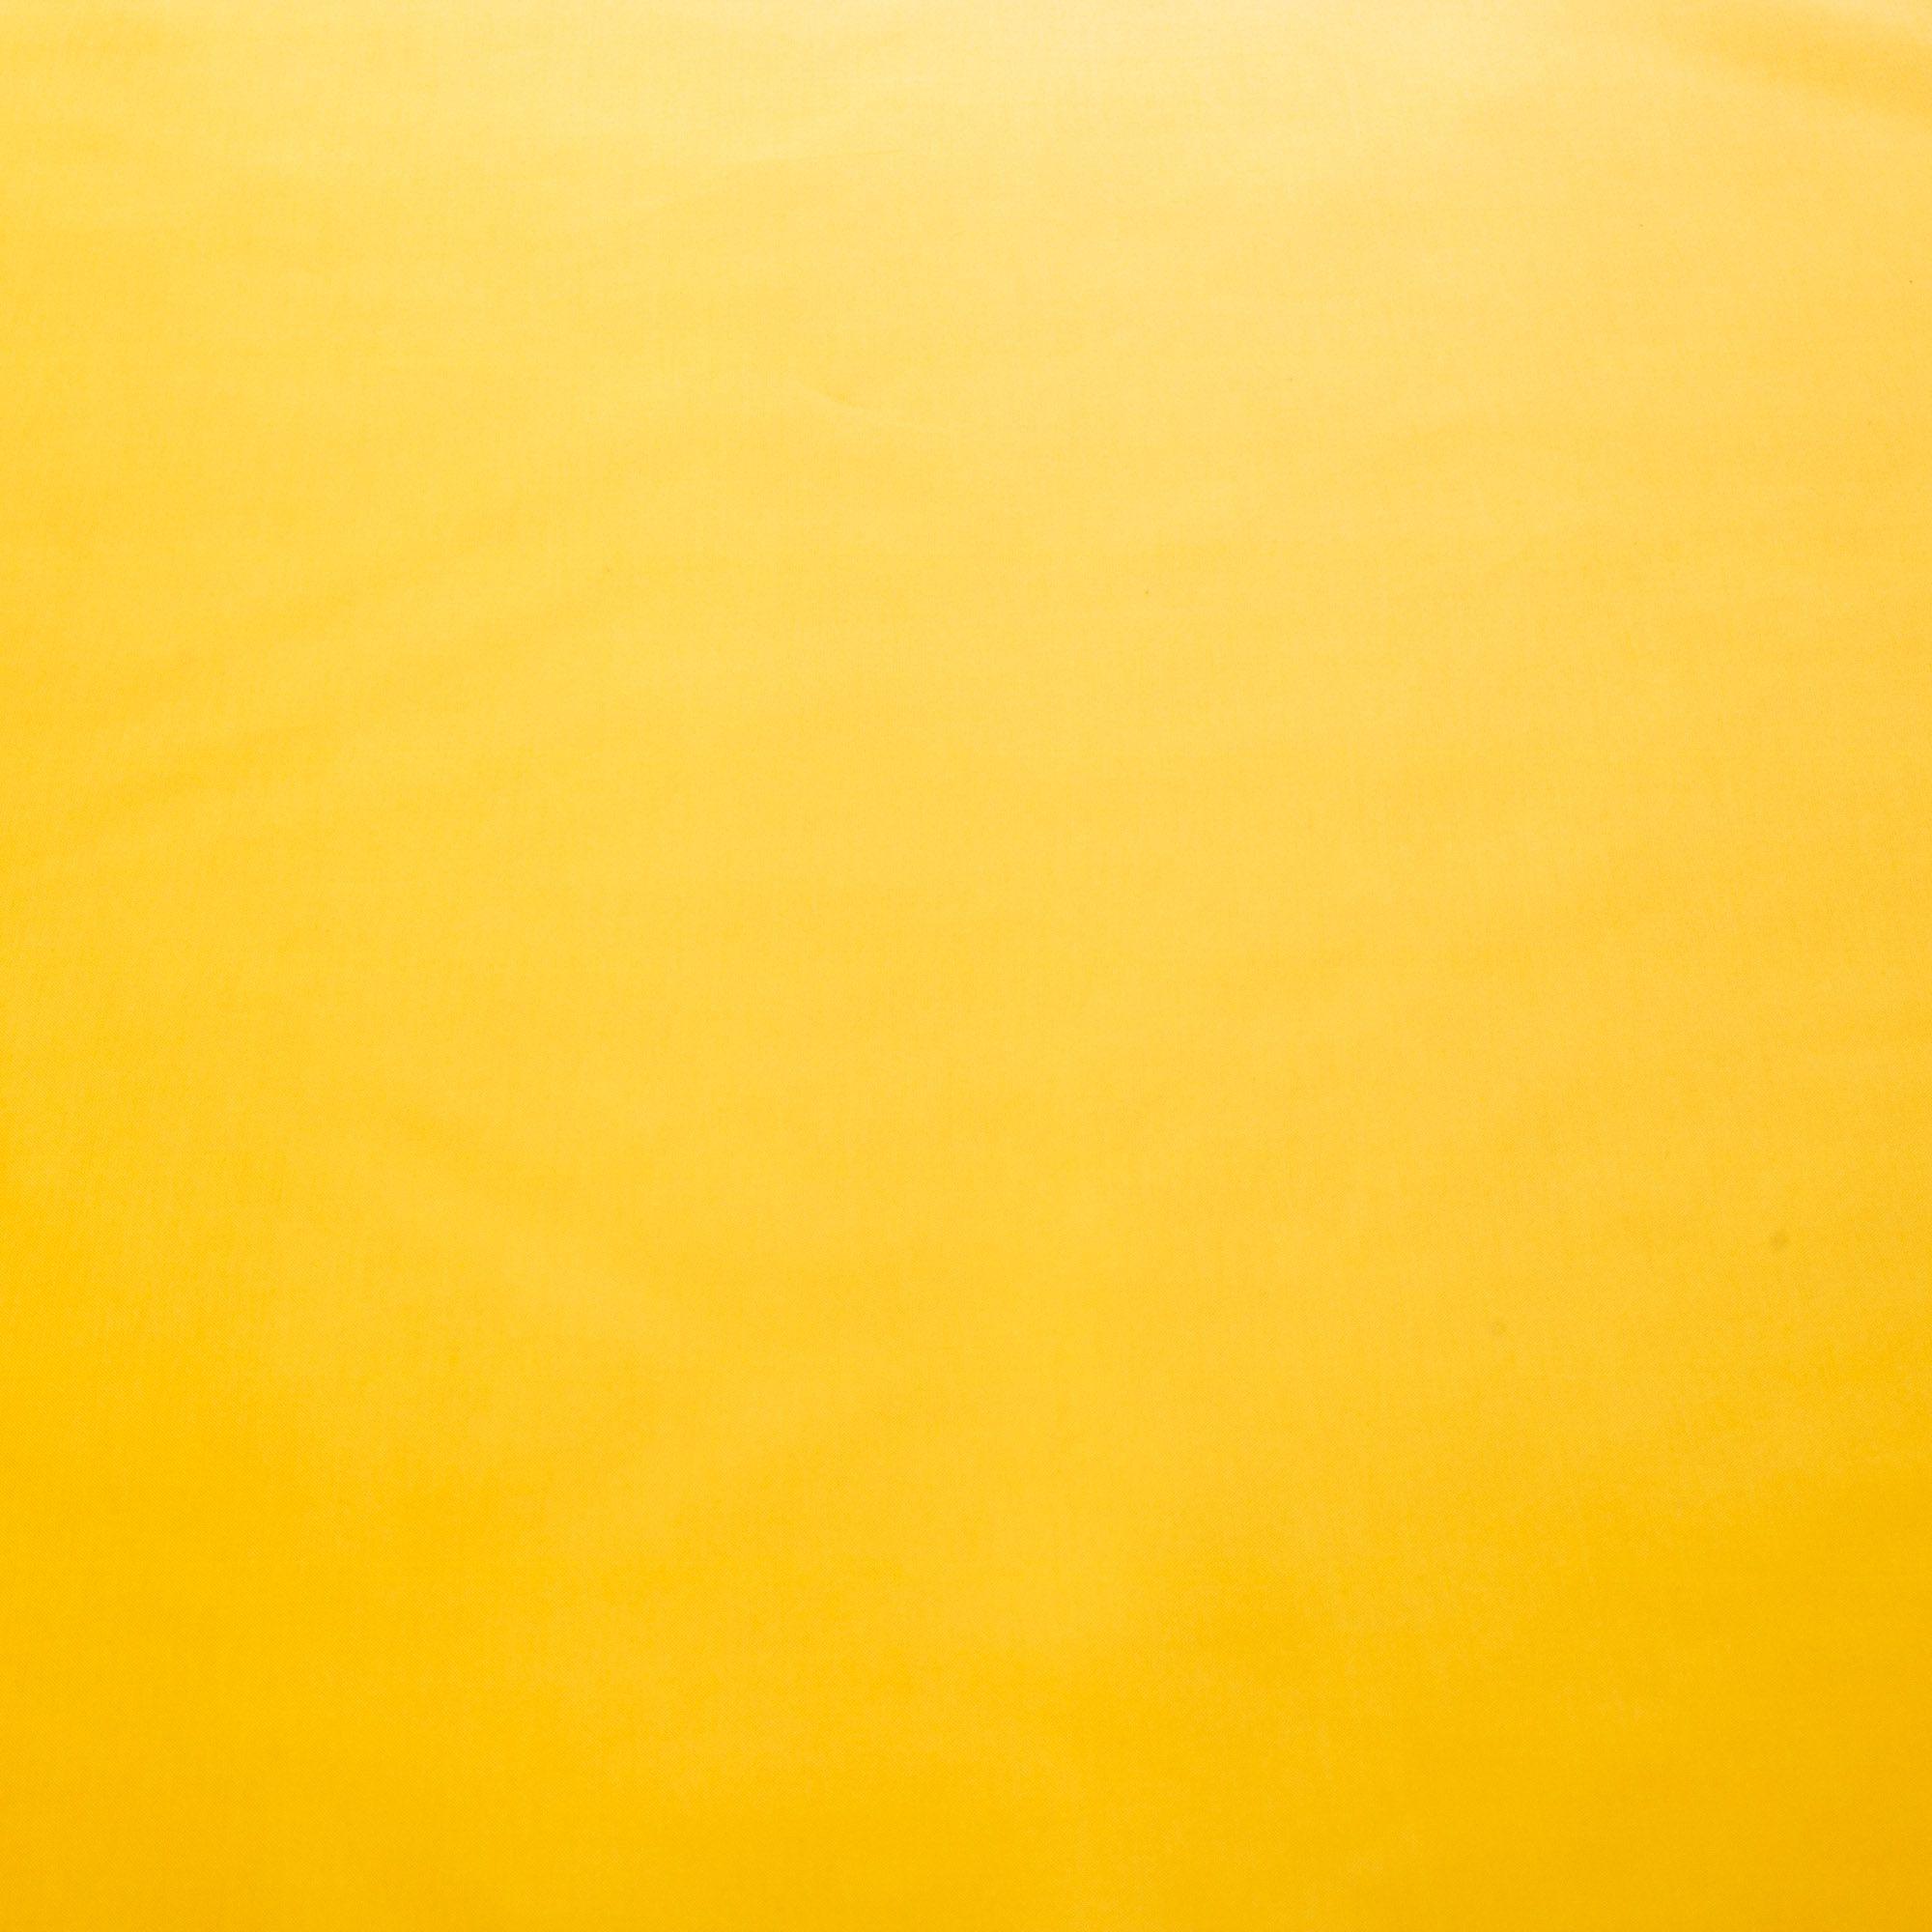 Tecido Bember Amarelo Ouro 100% Poliester 1,50 m Largura